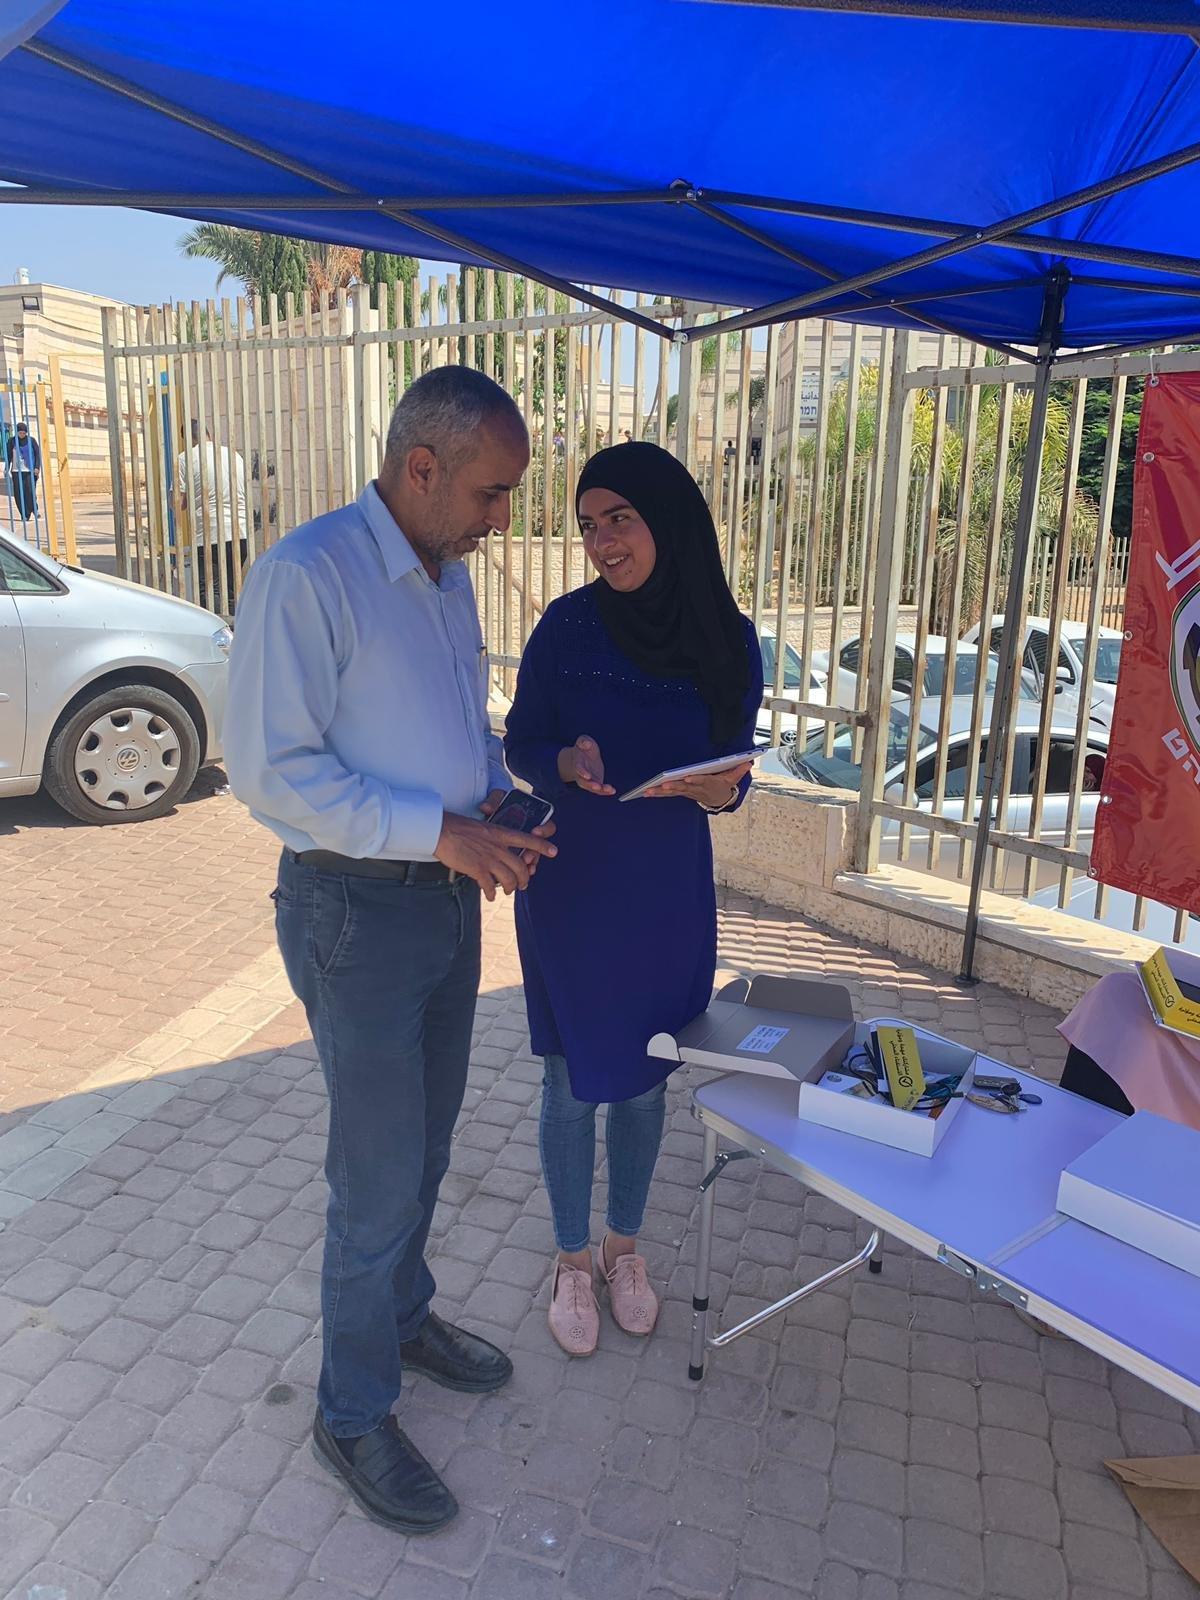 أهل البلد يؤثرون: المئات يتوافدون للمشاركة بالاستفتاءات الشعبية بـ9 من وبلدات عربية